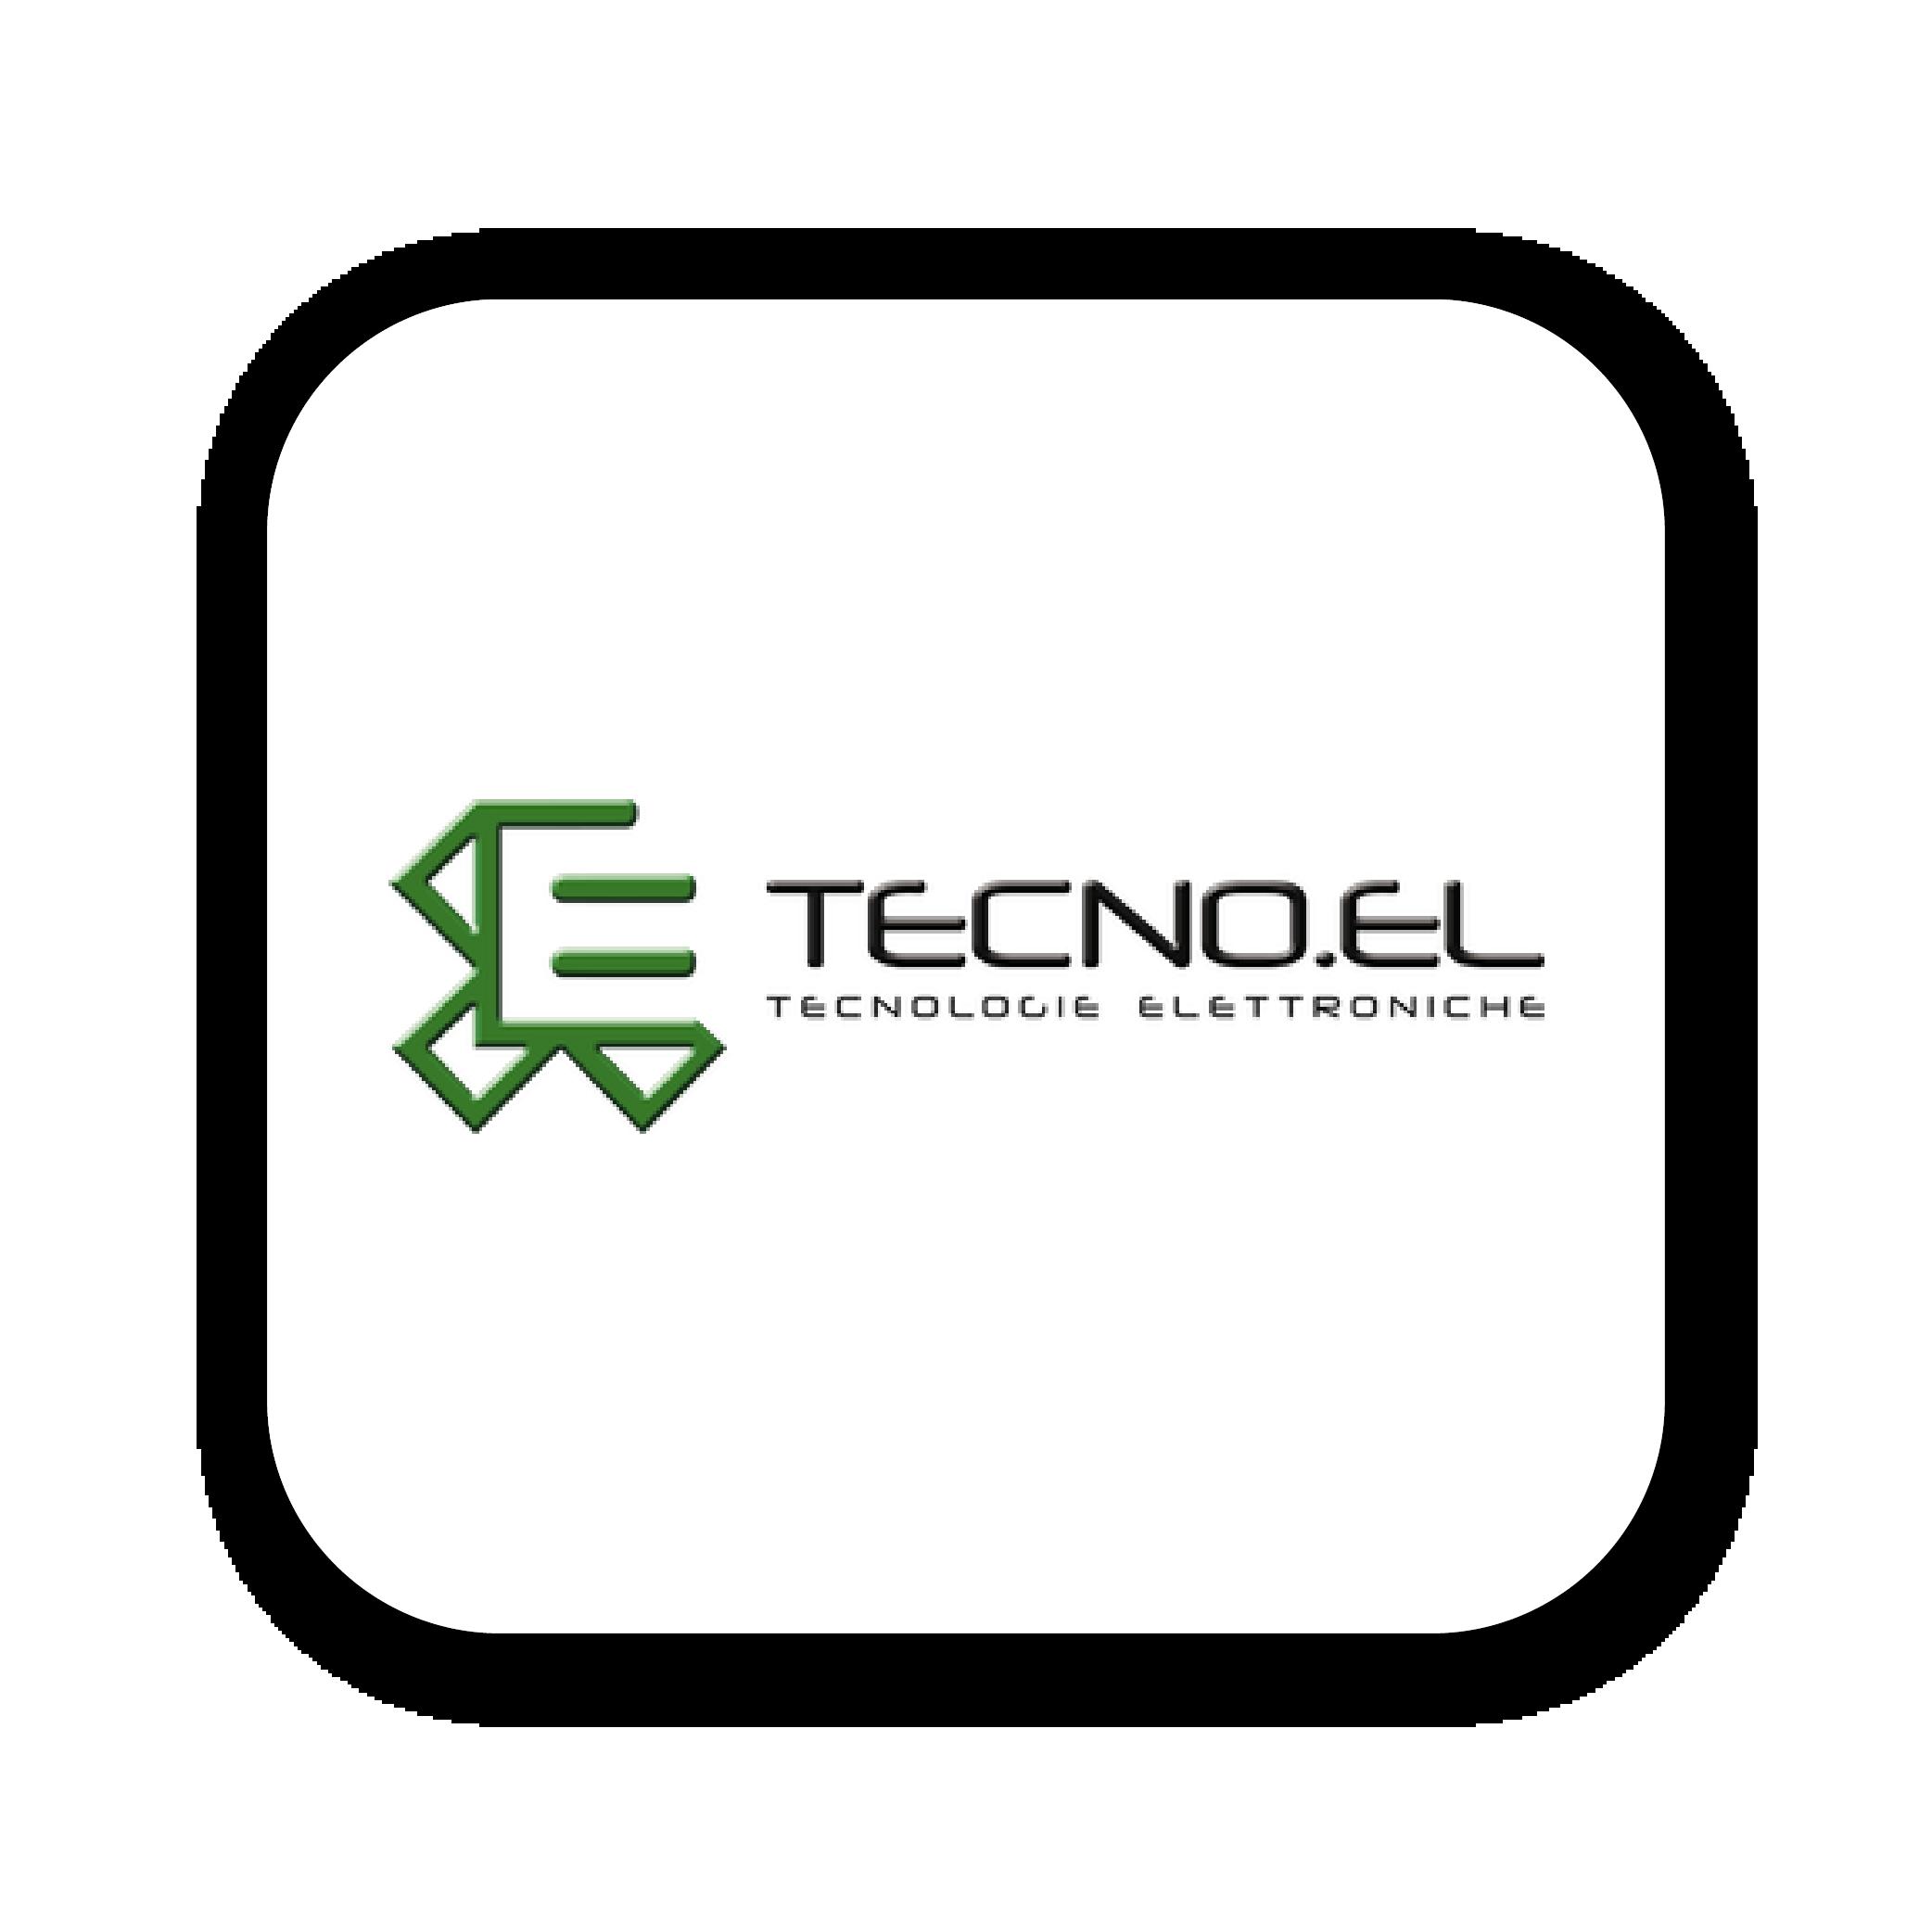 logo-06-2.png